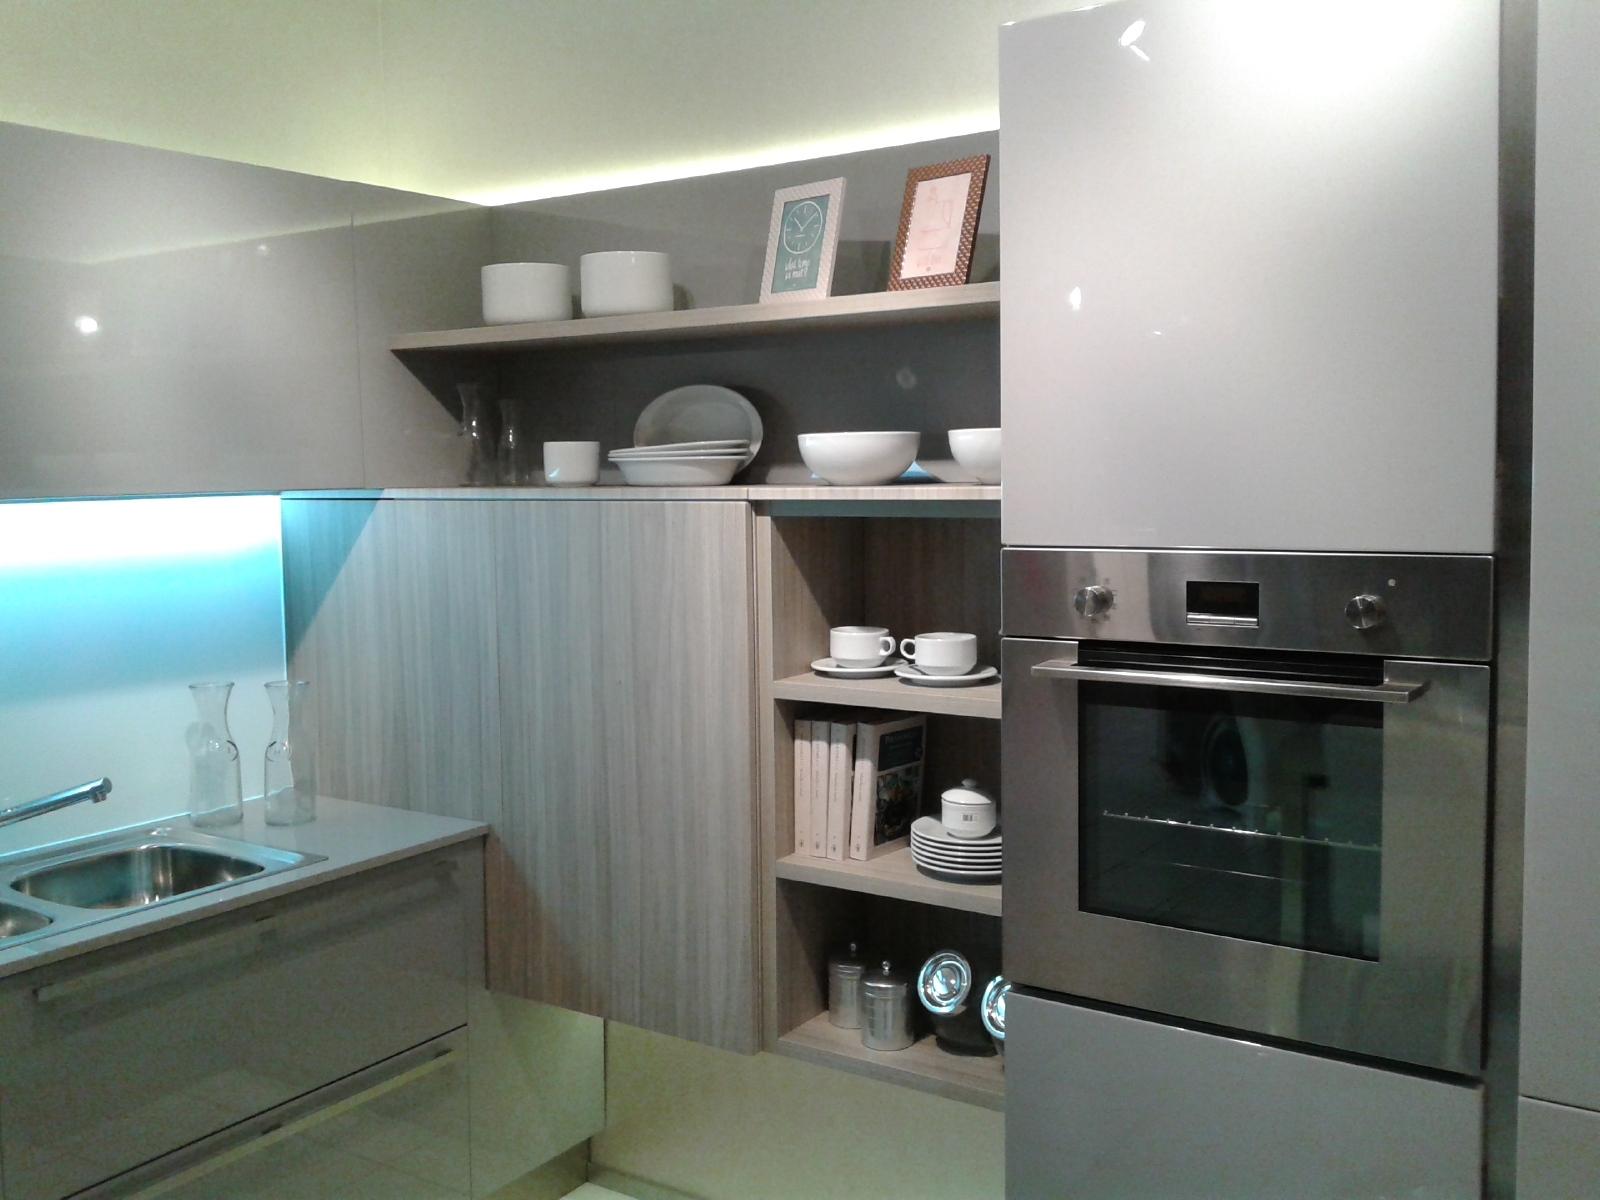 Cucina Veneta Cucine Carrera Go Plus Laccato Lucido Cucine A Prezzi  #388493 1600 1200 Rivenditori Cucine Veneta